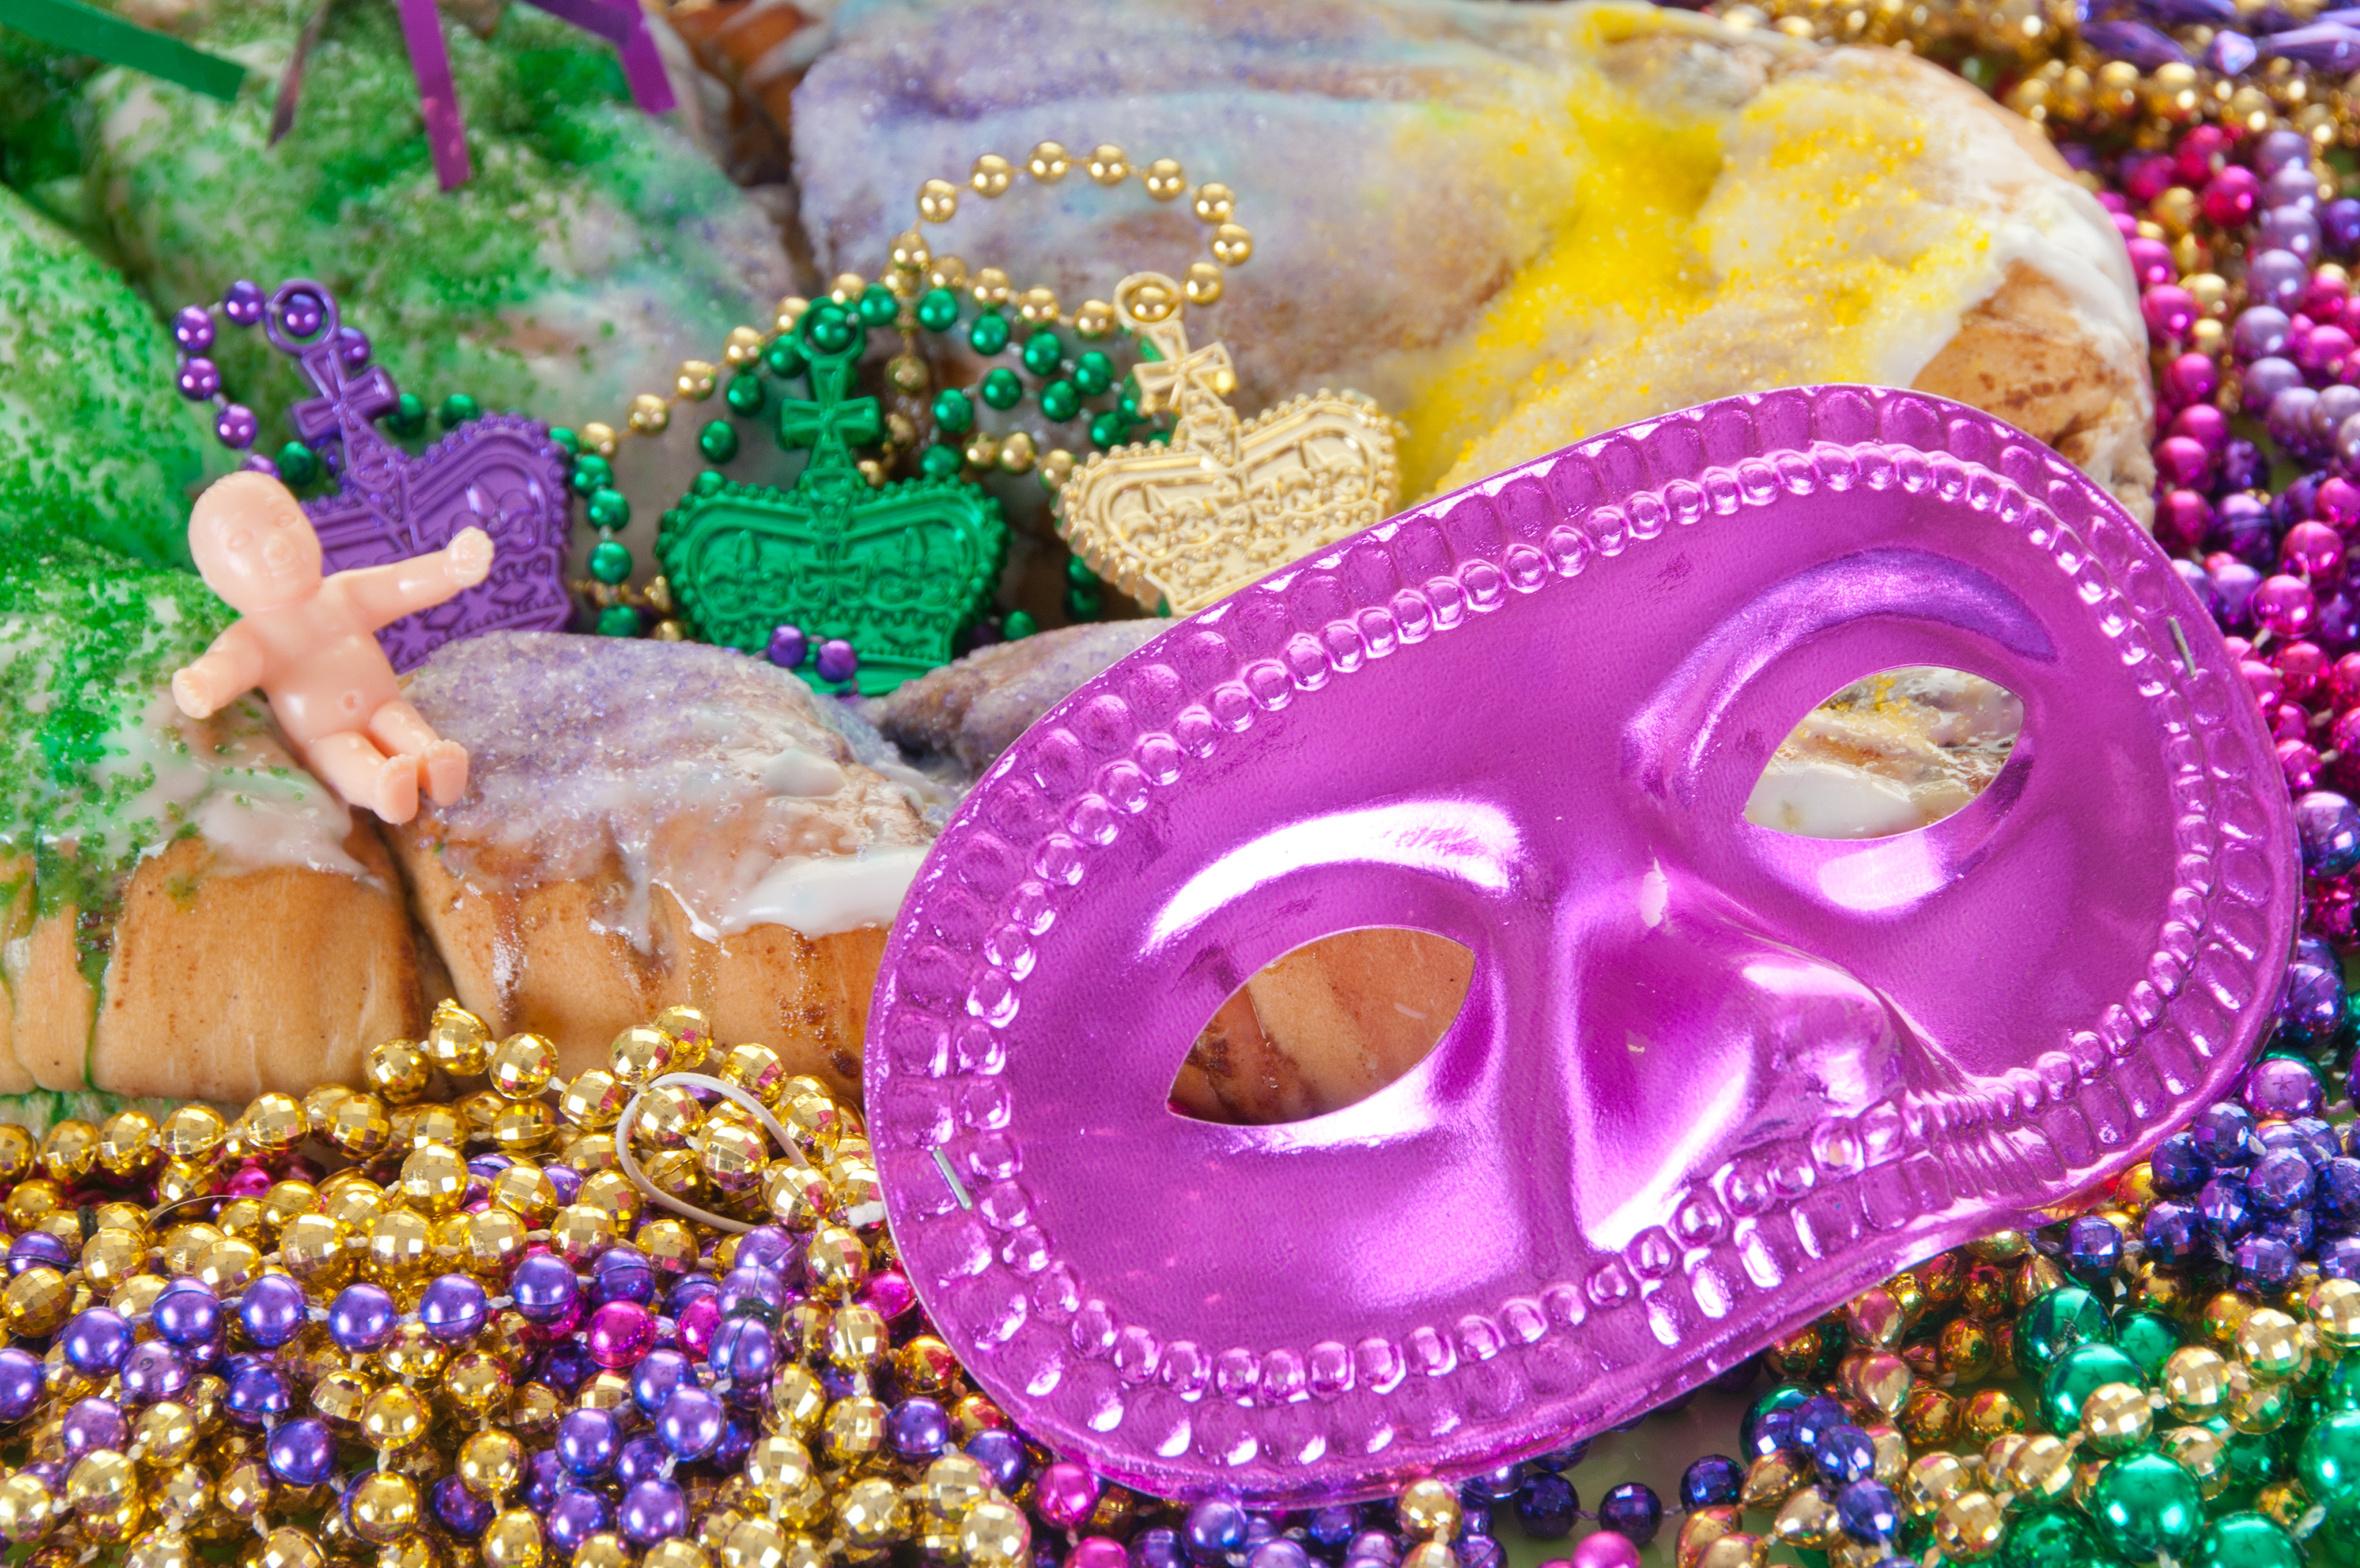 Le King Cake, un gâteau de fête très coloré